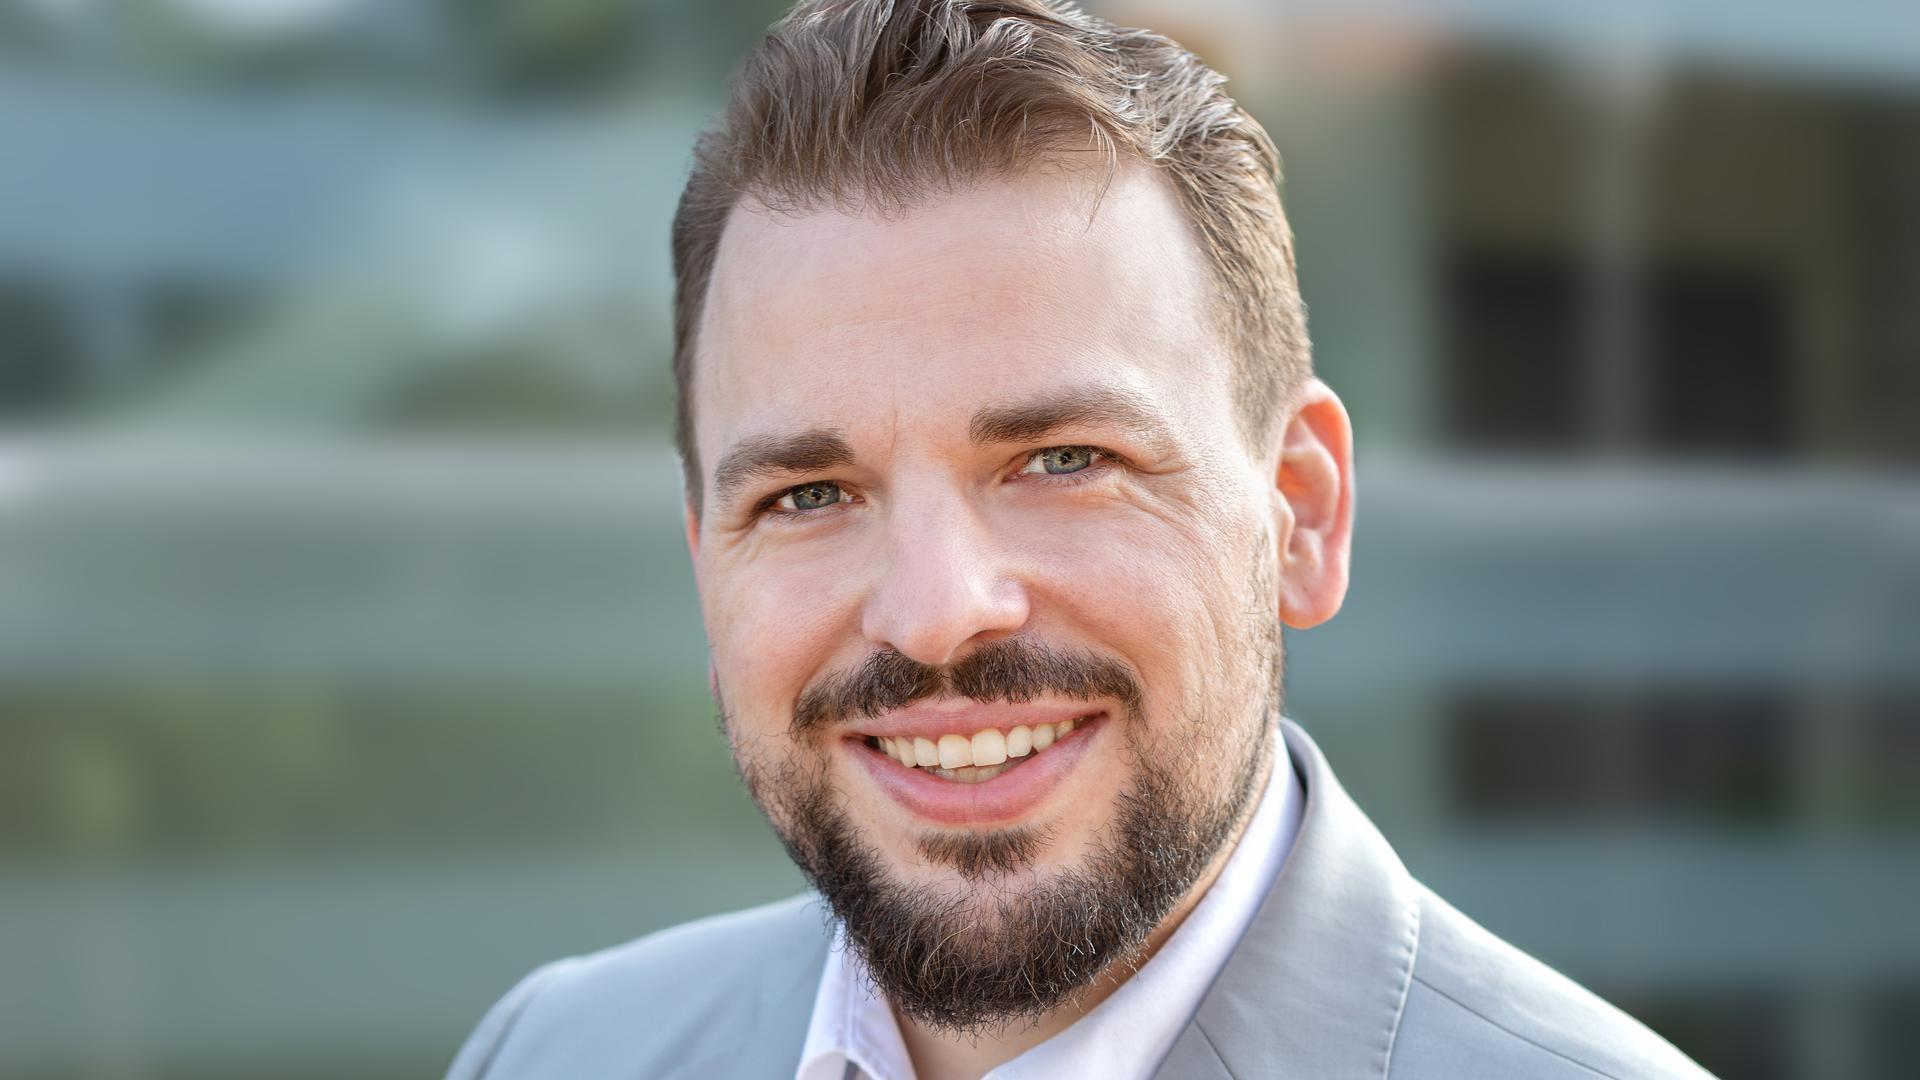 Martin Gassner-Herz ist Bundestagskandidat der FDP im Wahlkreis 284 Offenburg.